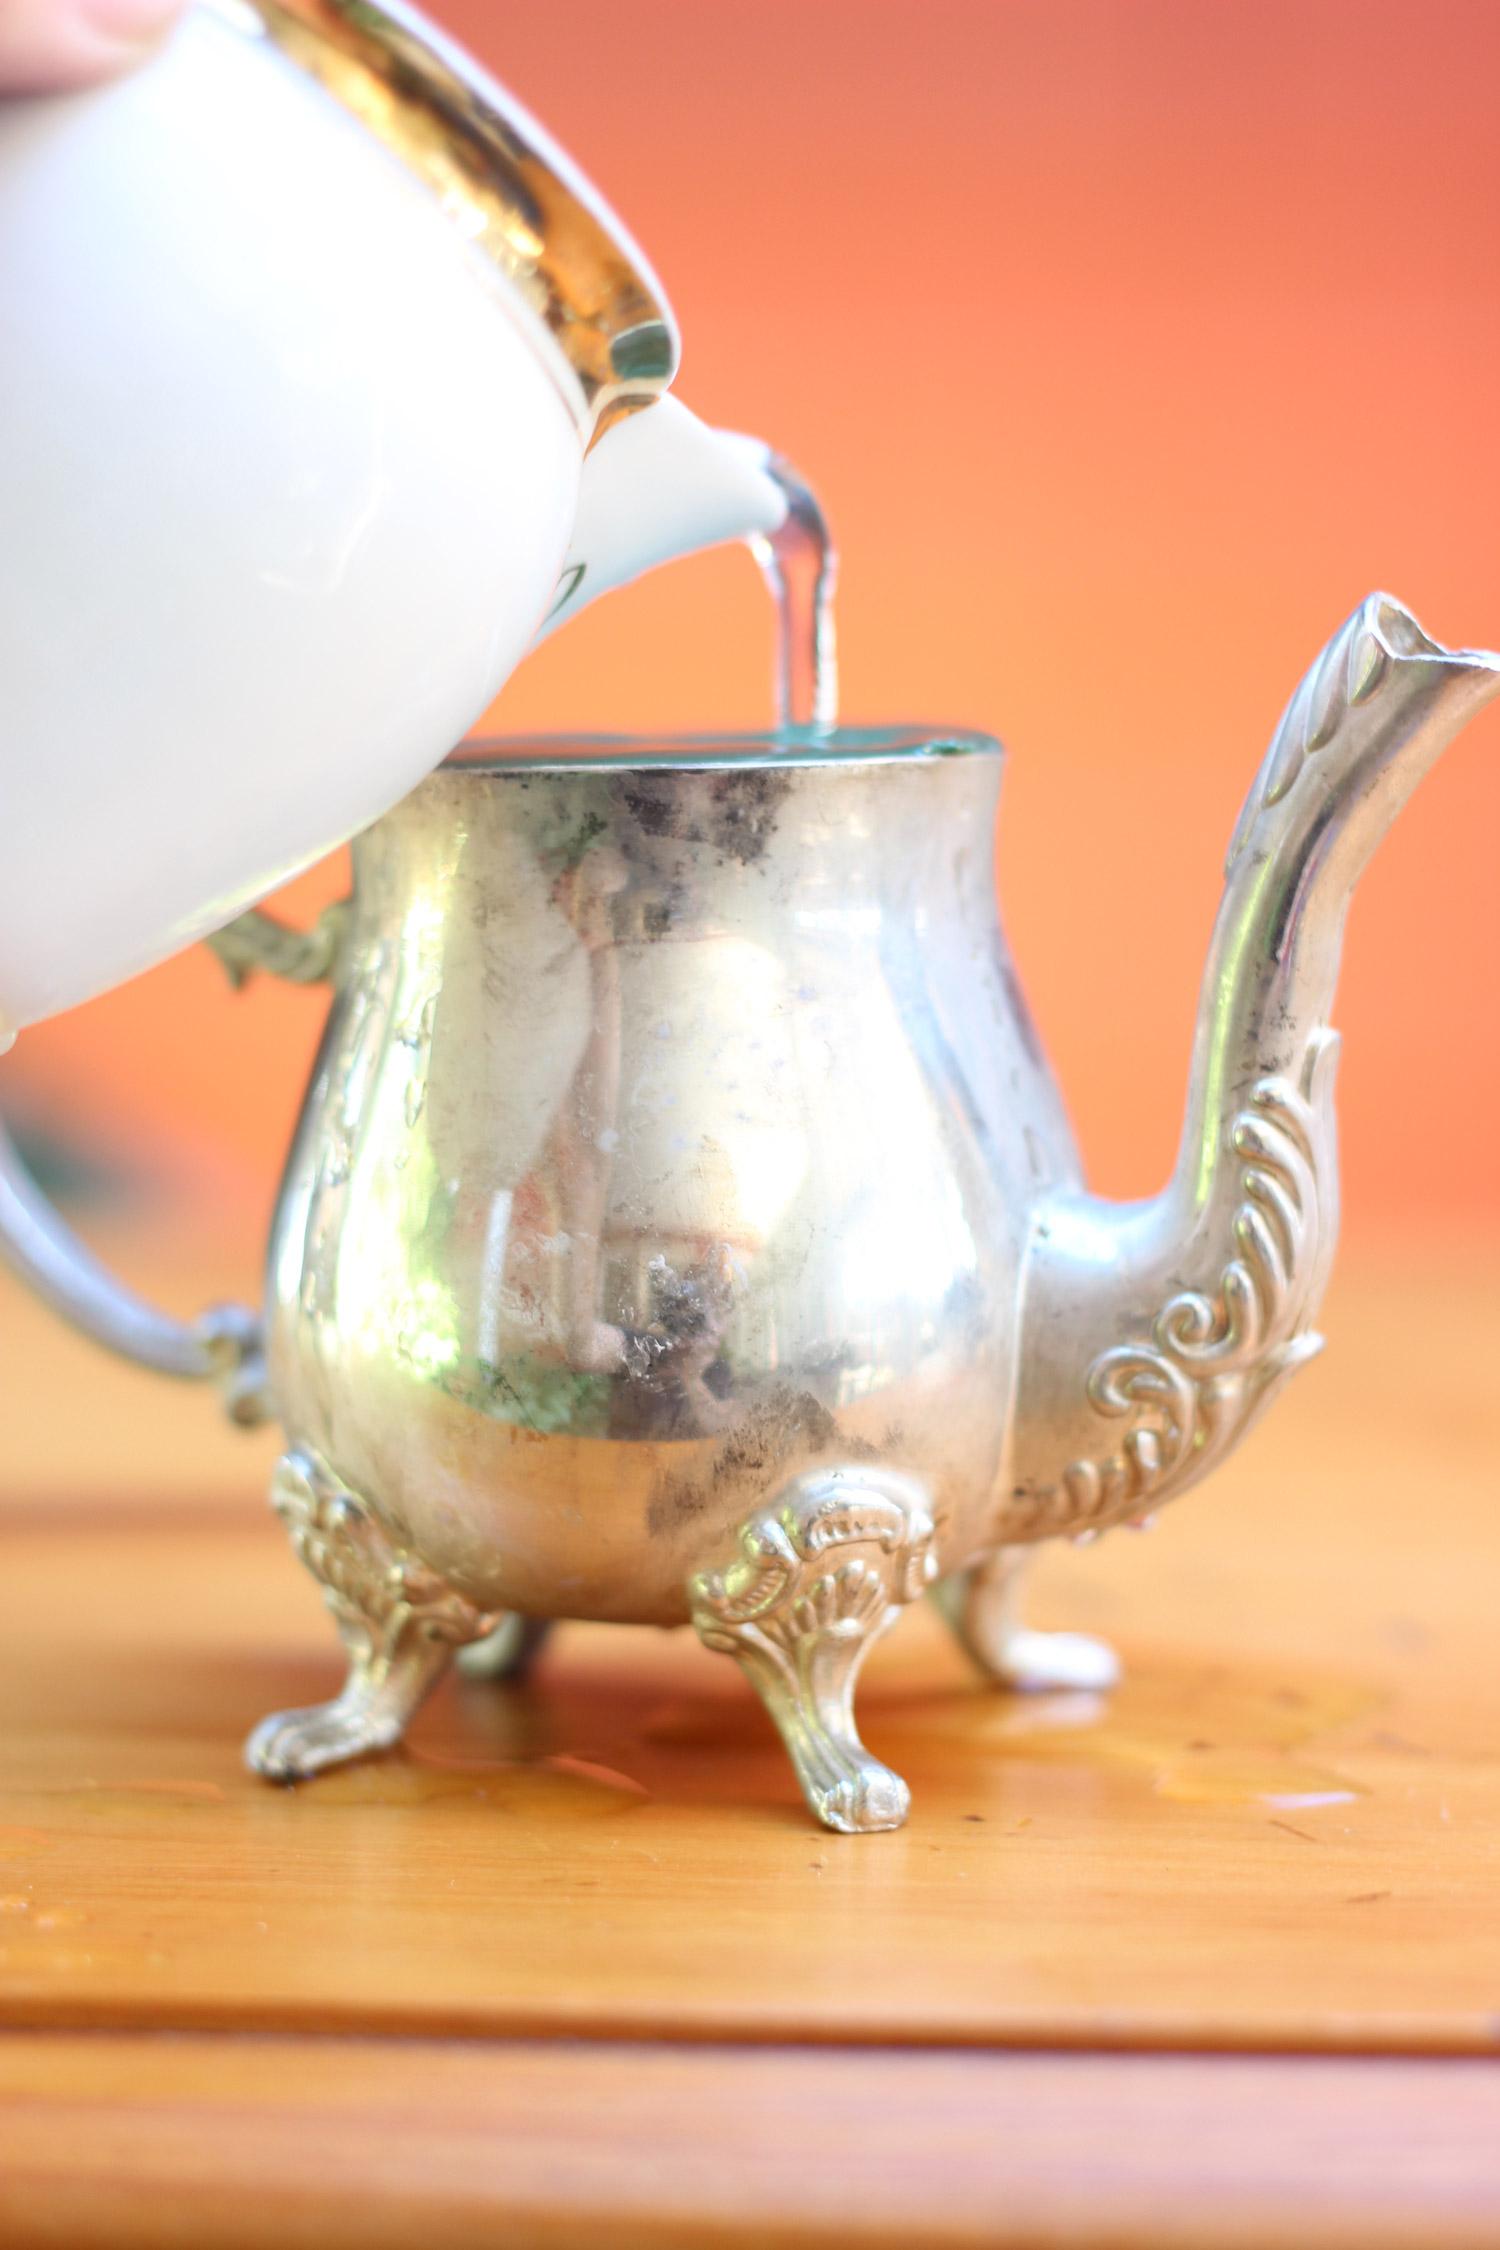 Repeat for tiny tea pot.